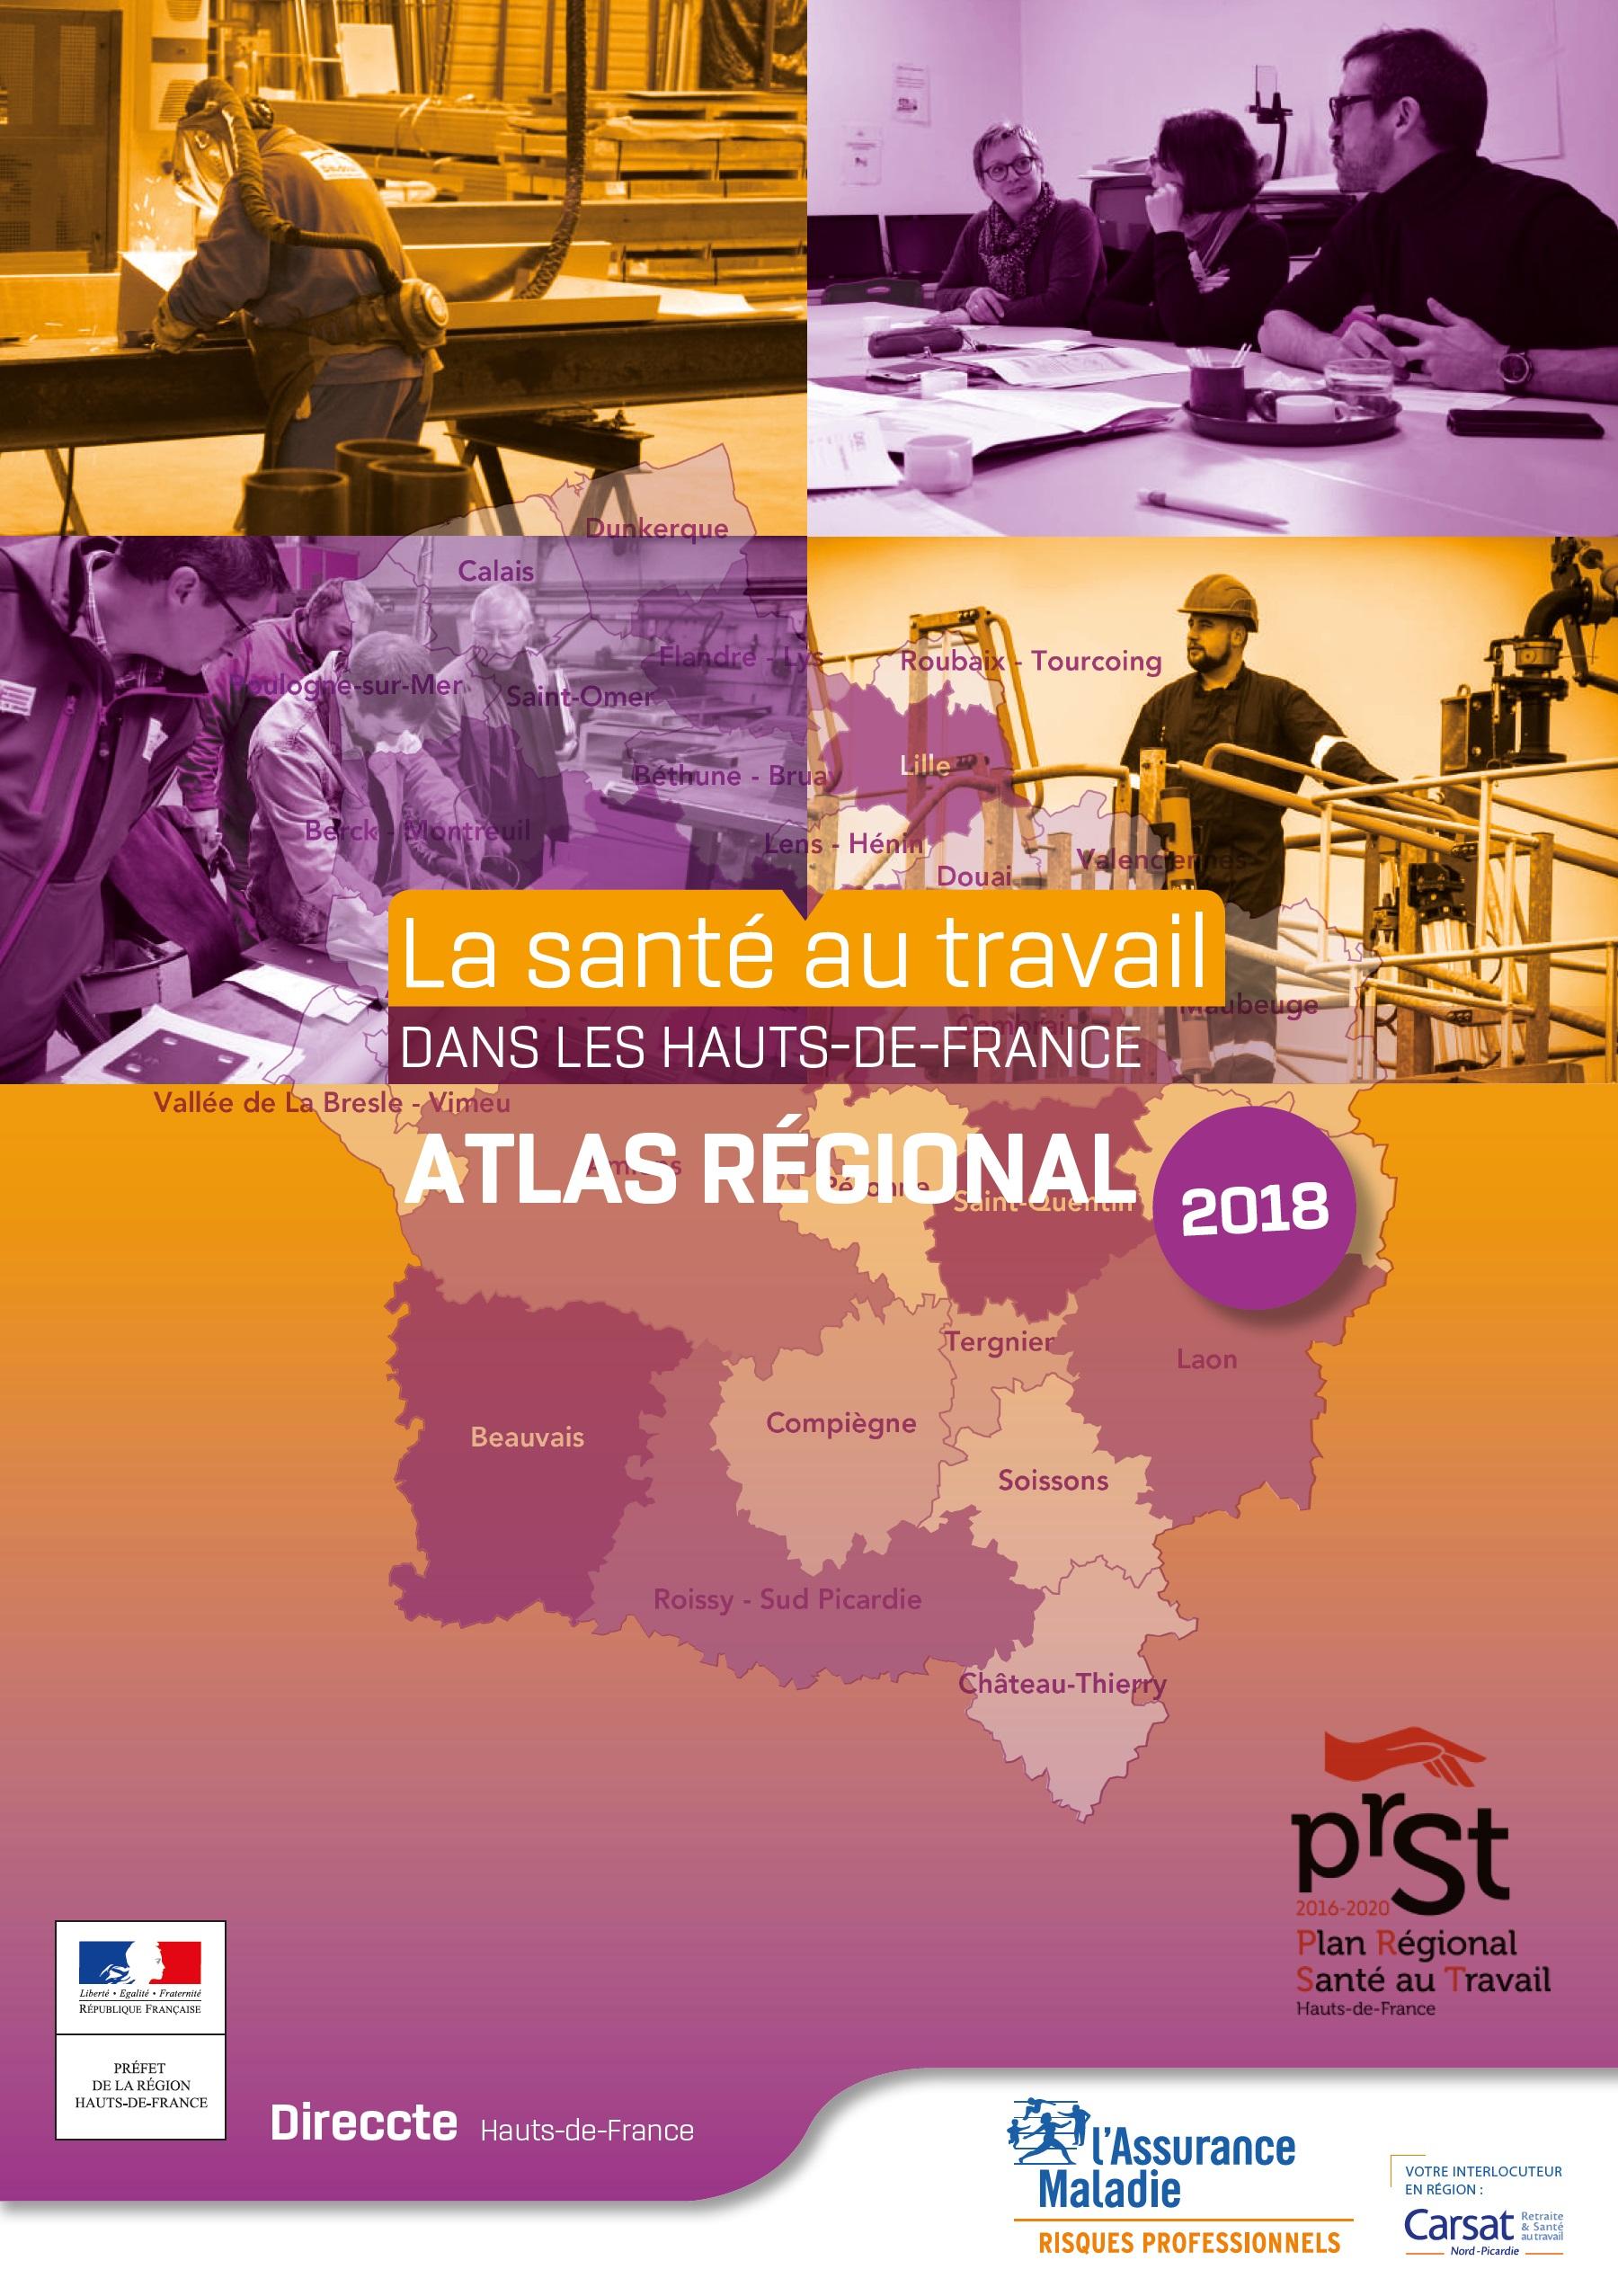 Image pour internet Atlas de la santé 2018